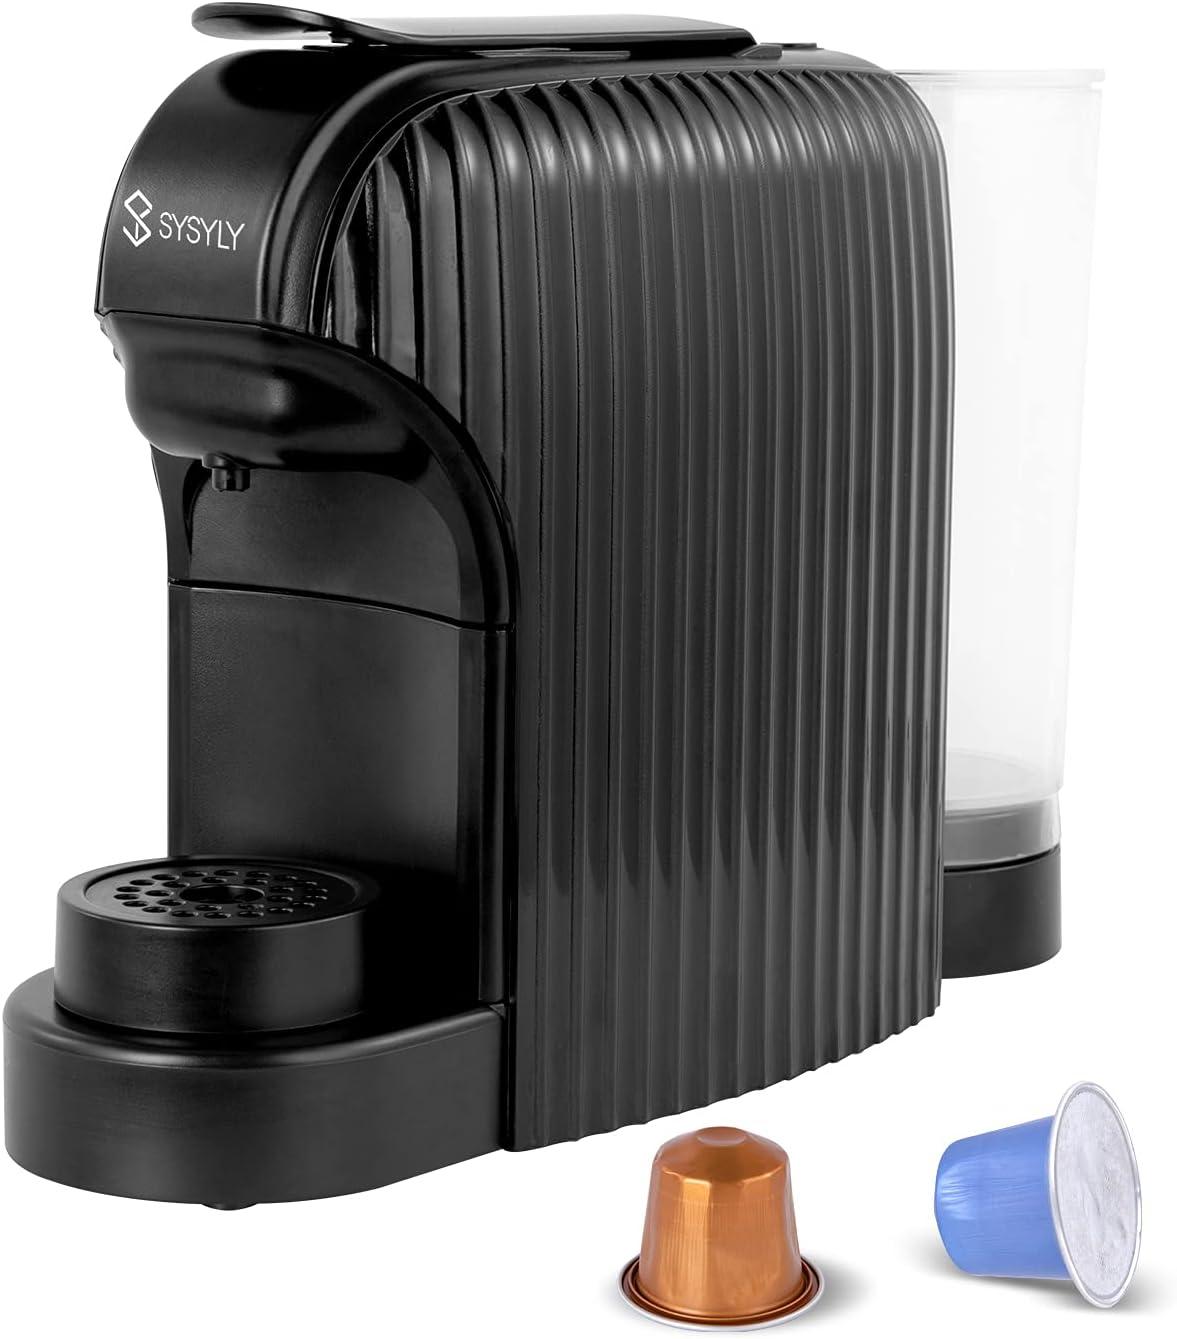 Máquina de café espresso, Máquina de café de cápsulas, Cafetera monodosis compatible con cápsulas Nespresso, bomba italiana de alta presión de 20 bar, depósito de 1,0 l, apagado automático, negro